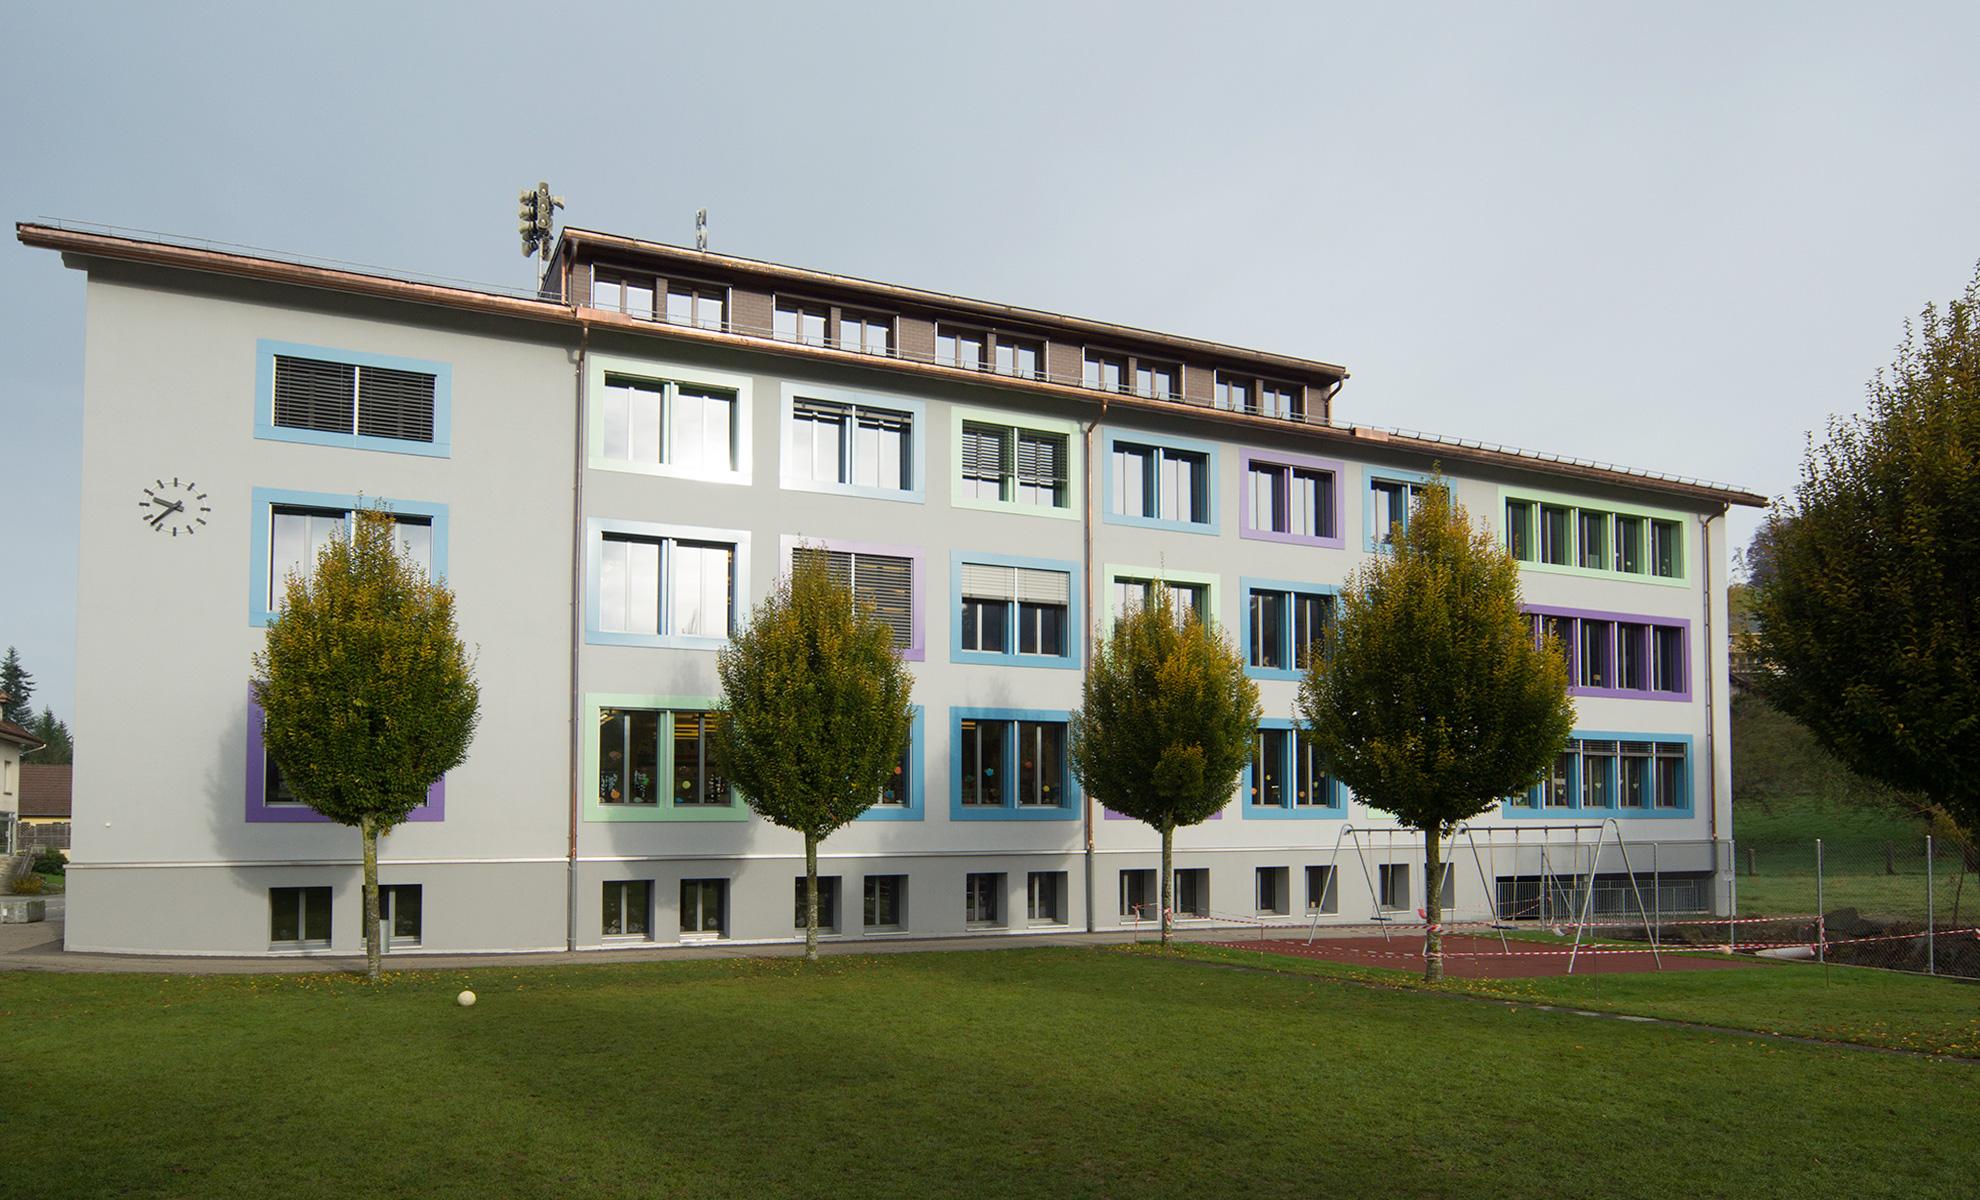 Schulhaus sch rer architekten gmbh for Architekten schweiz